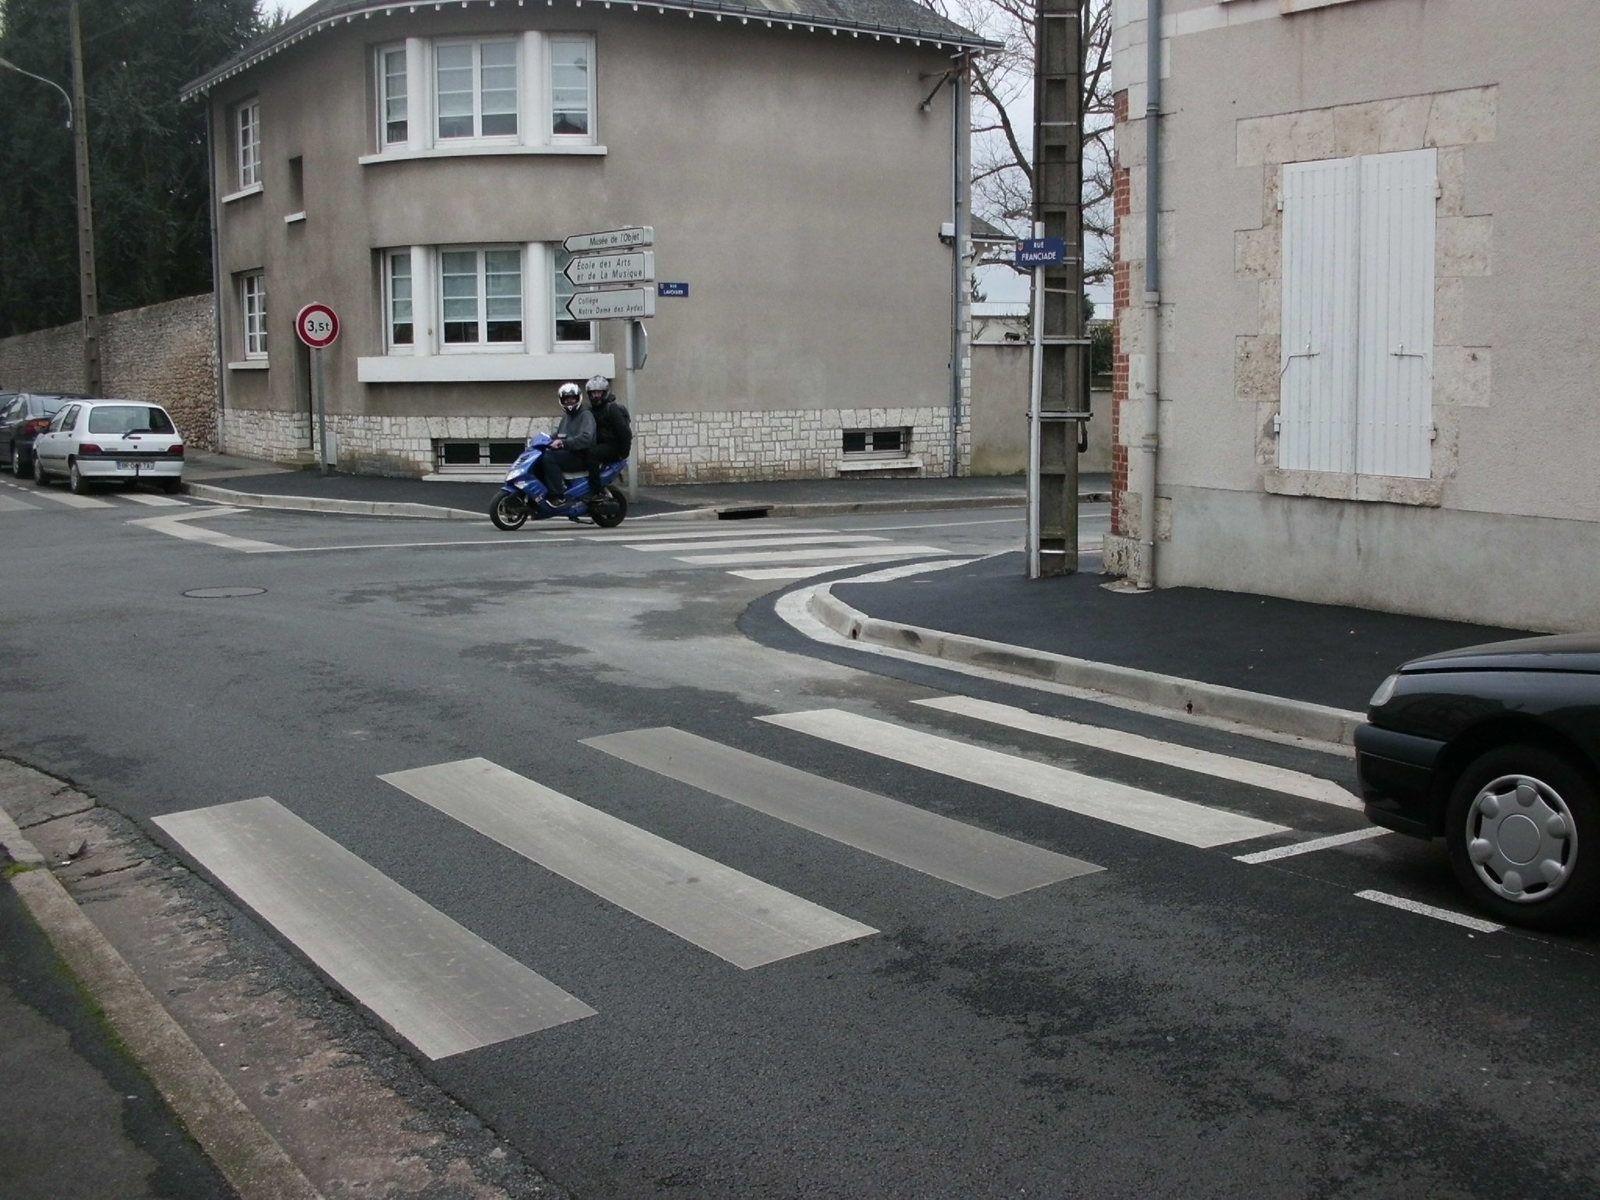 Priorité à droite partout - Rue Franciade, oultre les surbaissés de trottoirs à réaliser il faudrait aussi interdire le stationnement 5 m en amont des passages piétons pour assurer une meilleure visibilité.